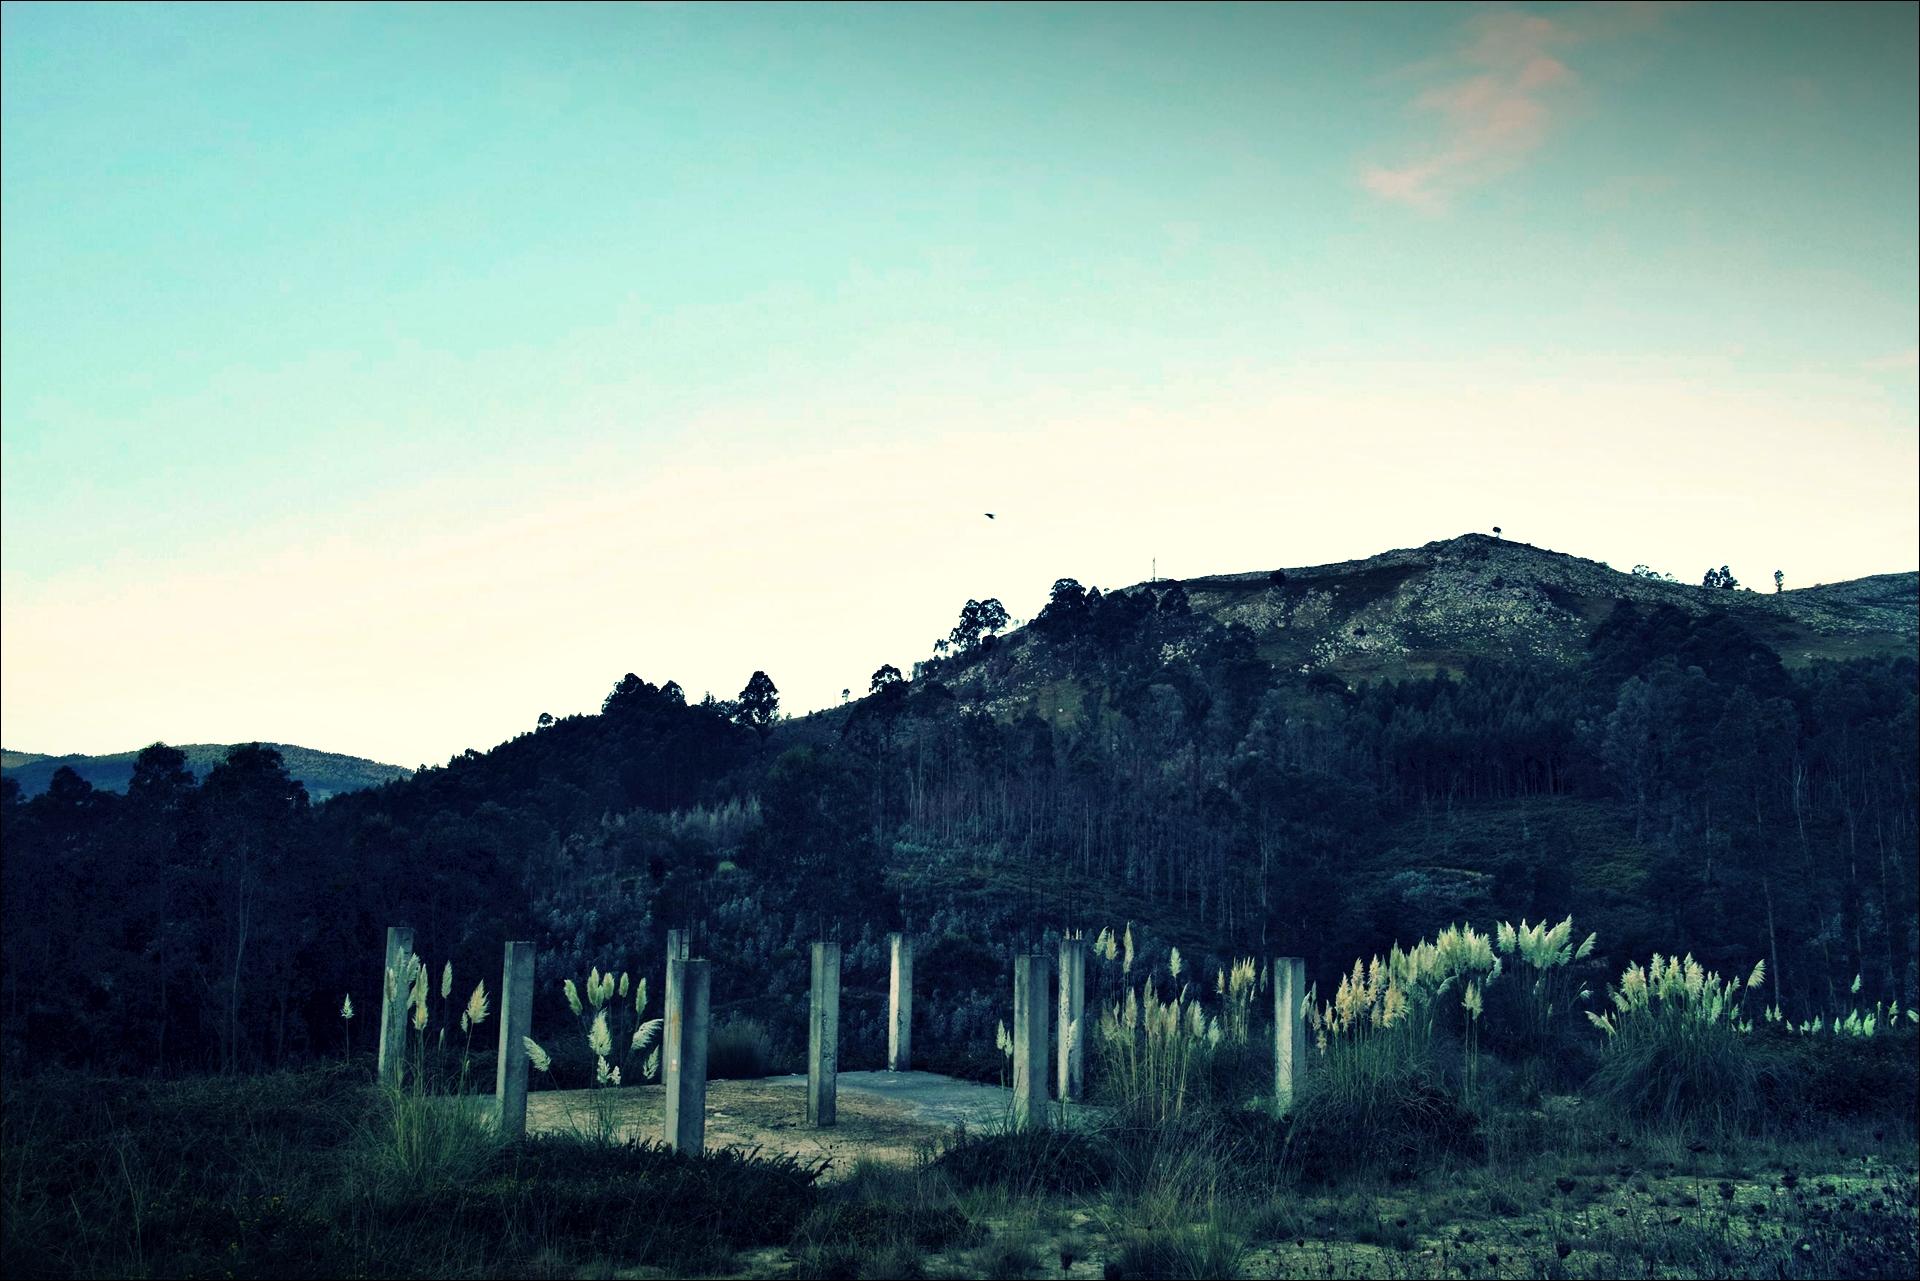 터-'카미노 데 산티아고 북쪽길. 리엔도에서 산토냐. (Camino del Norte - Liendo to Santoña) '